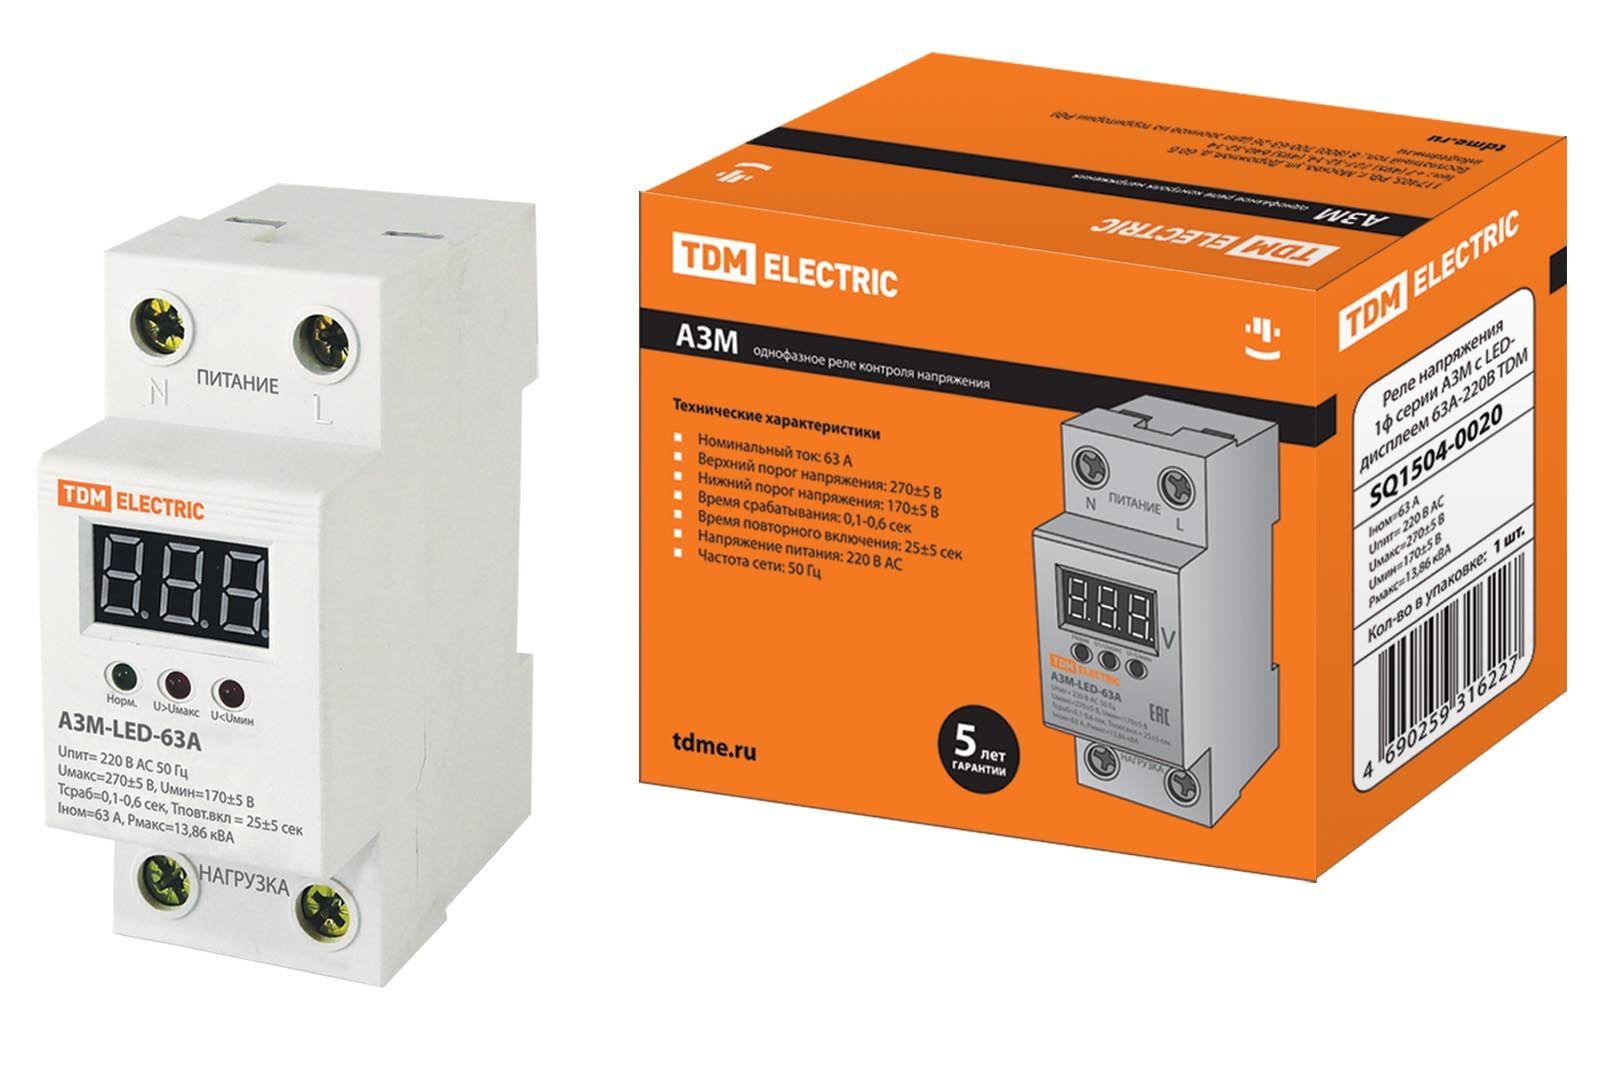 Реле контроля напряжения АЗМ LED-63А-220В TDM, TDM ELECTRIC  - Купить